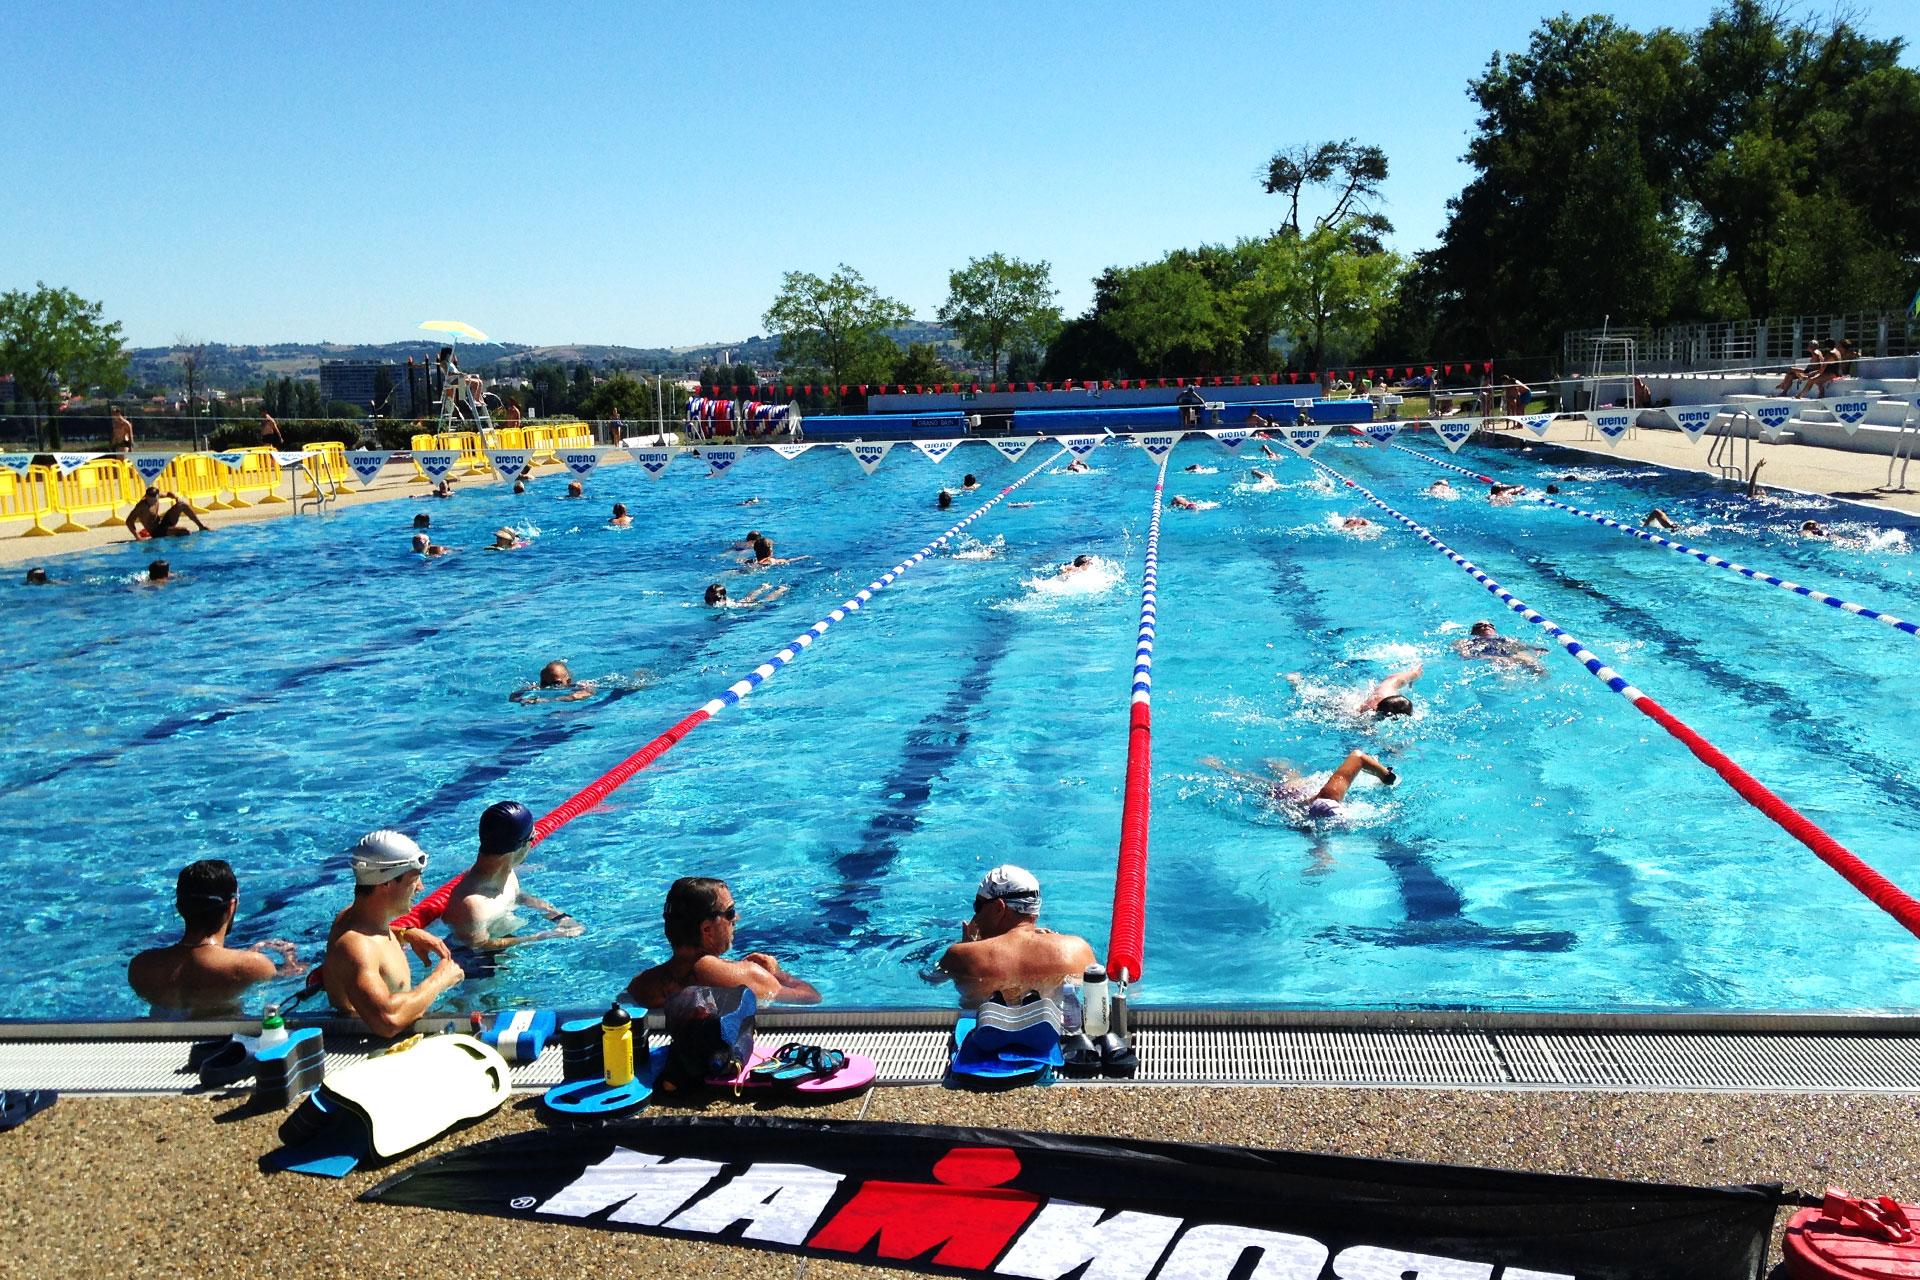 IRONMAN VICHY 2016 Die Hitzeschlacht – PART TWO / Für's letzte Schwimmtraining geht's in den Aquadom d'Allier © Stefandrexl.de